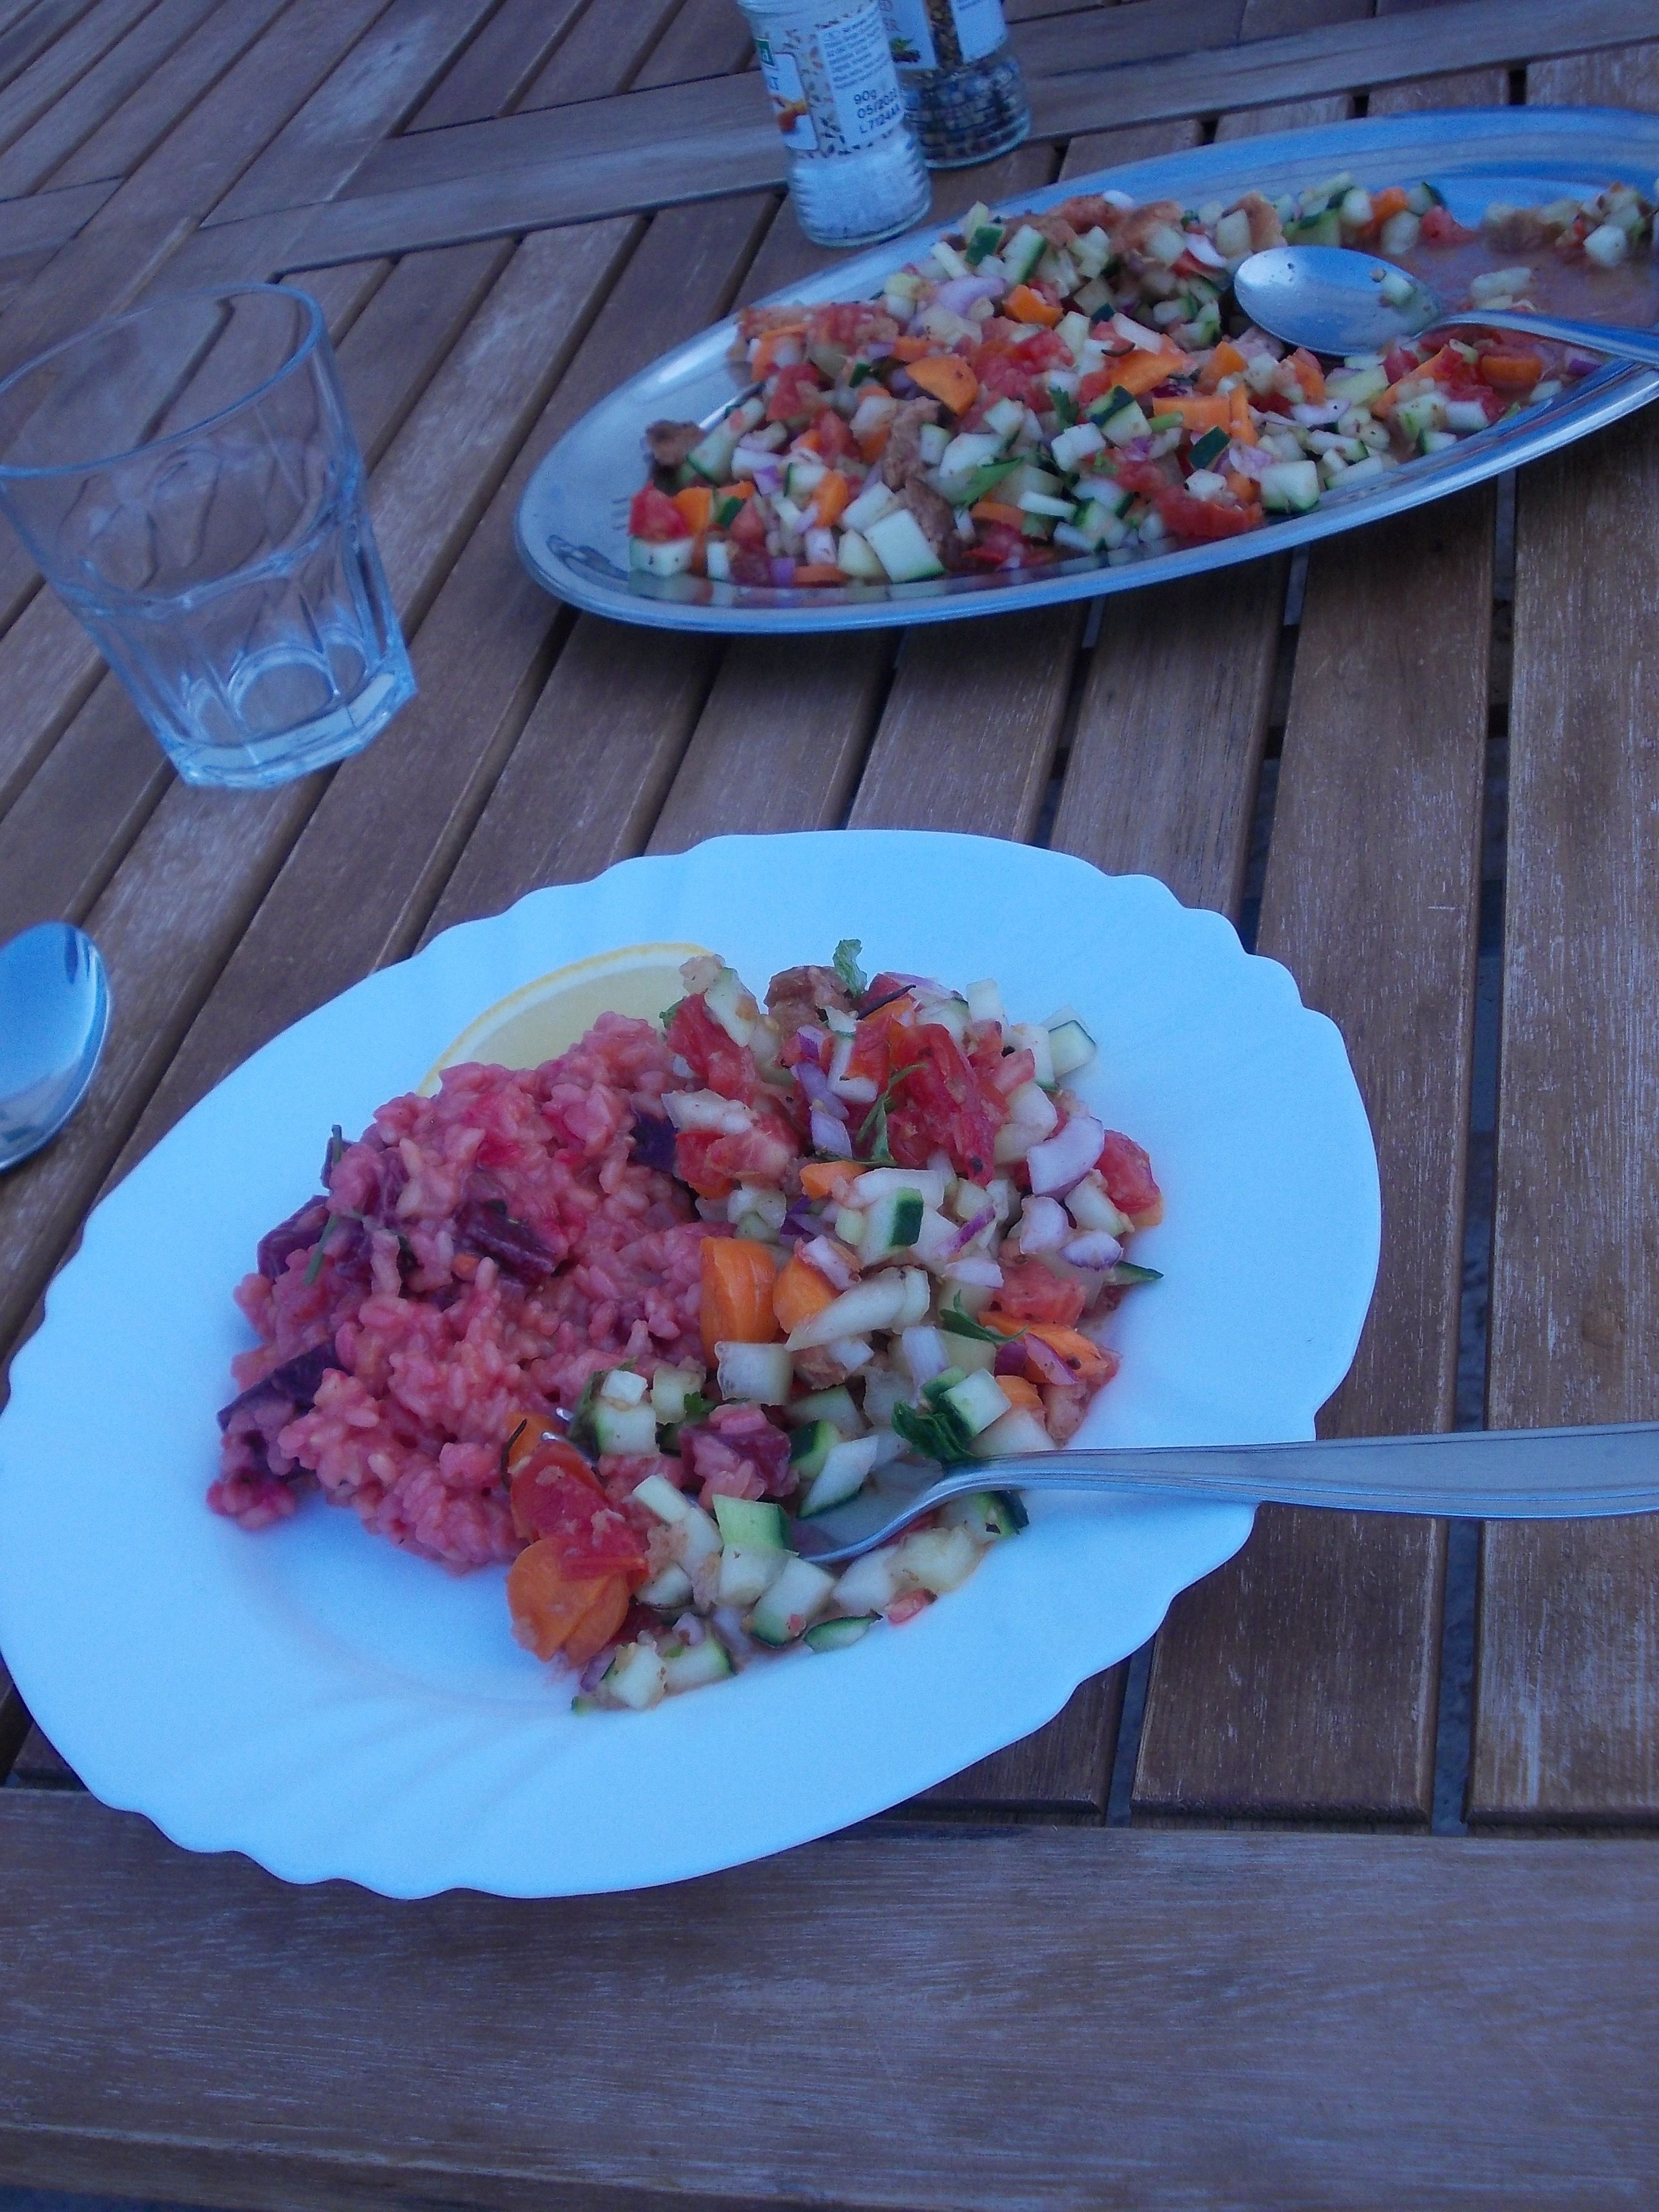 Tolles vegetarischveganes Essen Kroatien urlaub, Yoga